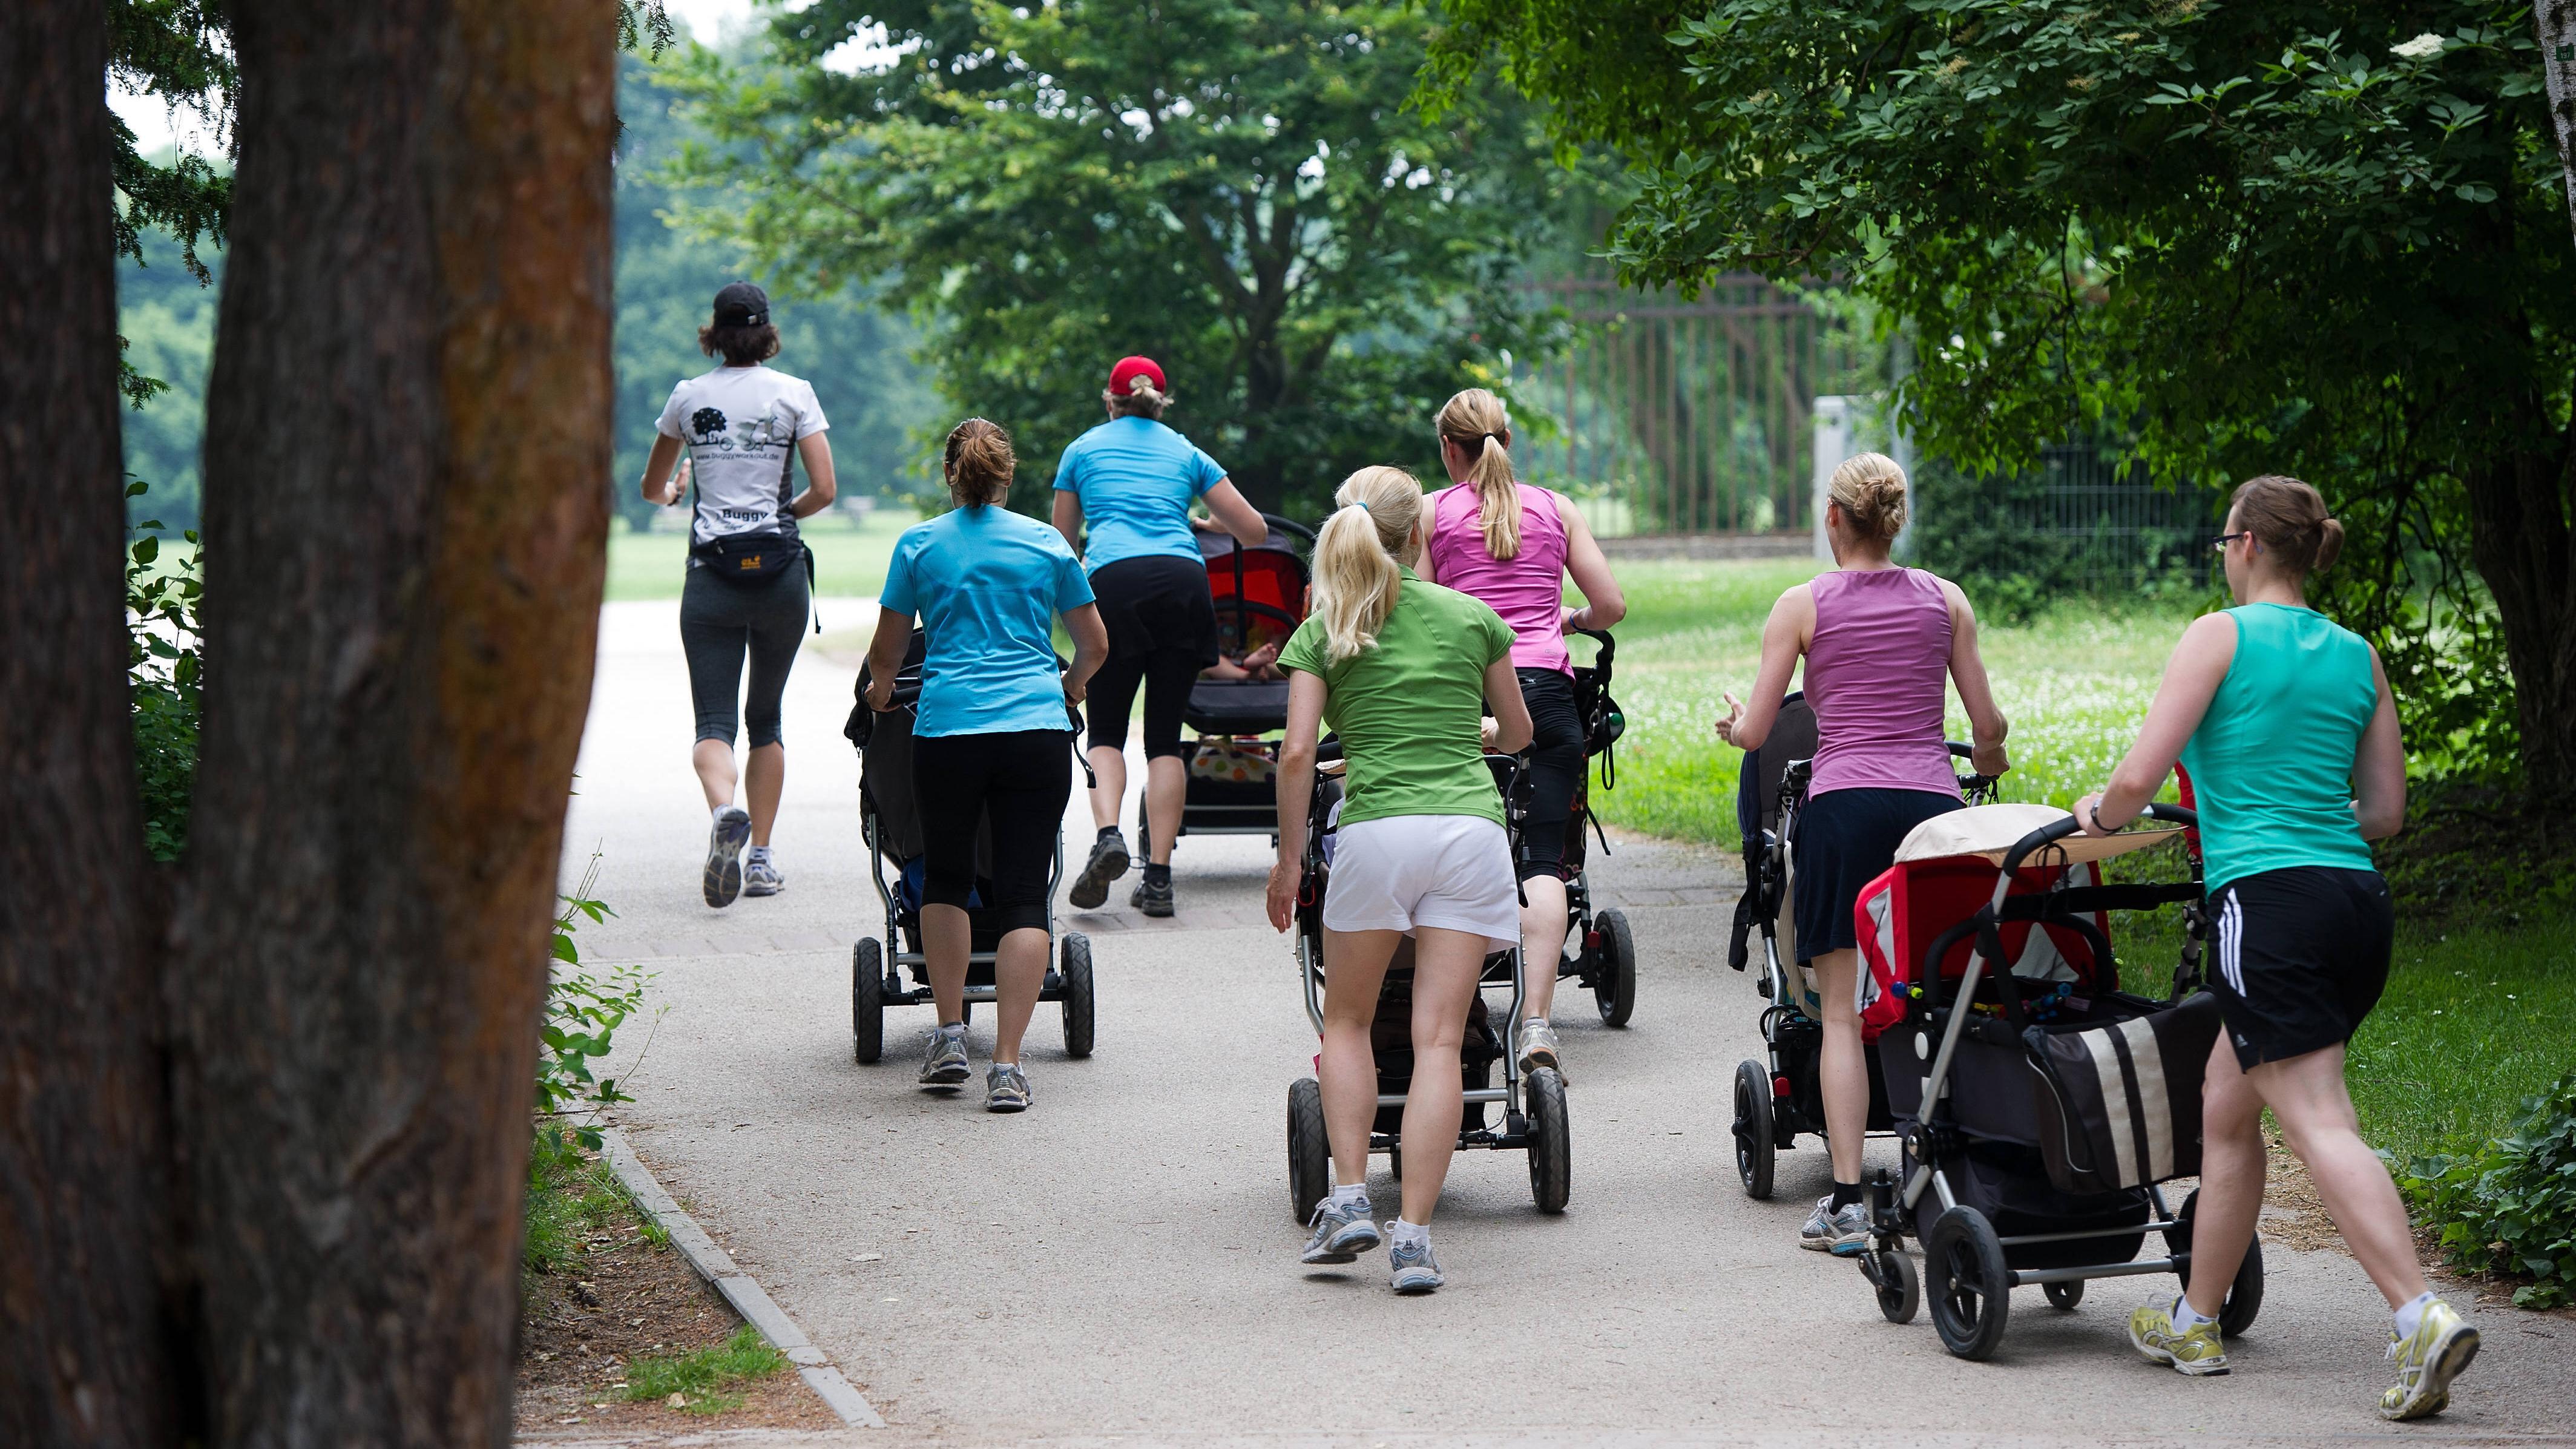 Suchen Sie nach Kursen in Ihrer Umgebung, um als Mama fit zu werden.